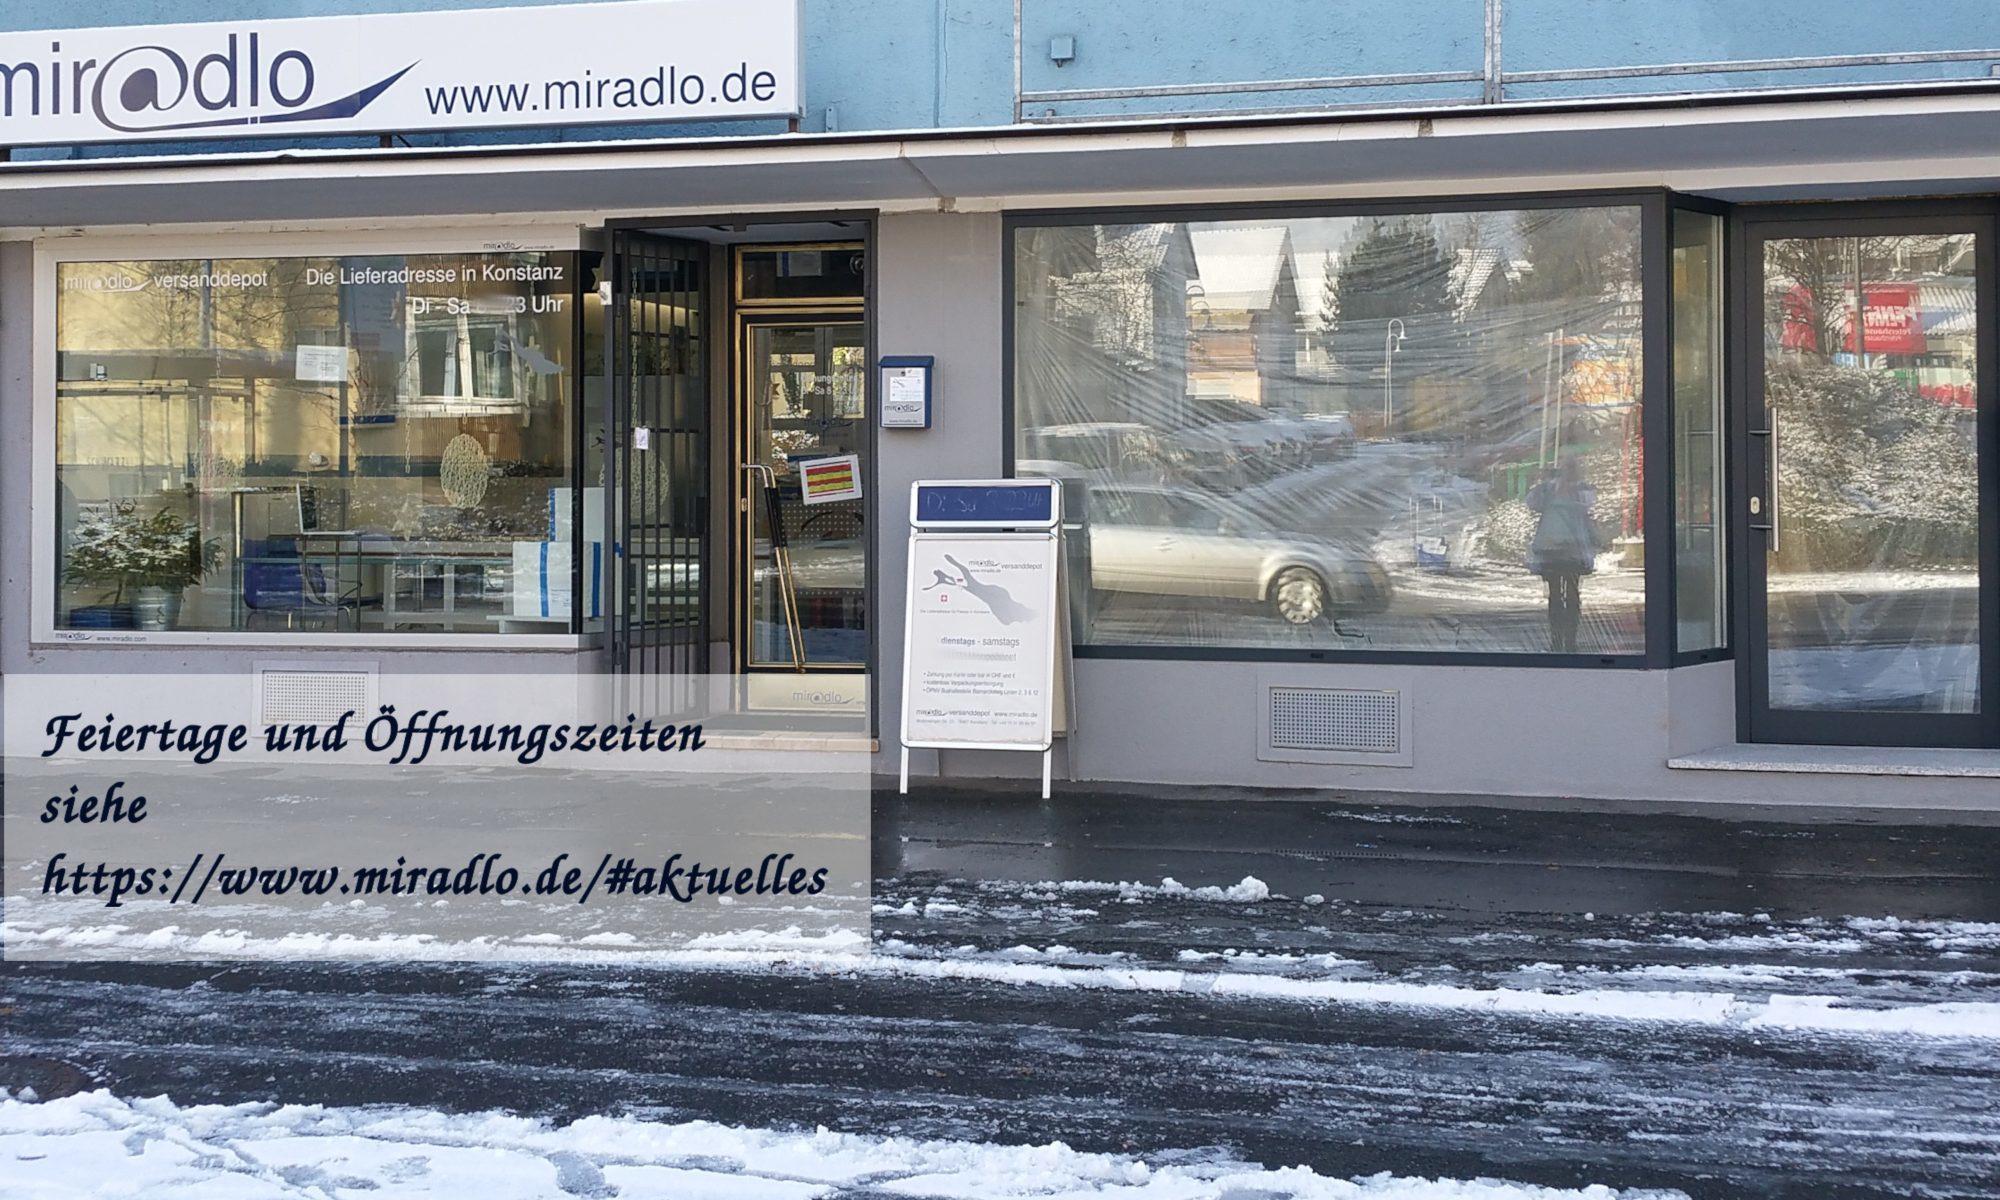 Schaufenster miradlo Versanddepot mit etwas Schnee und Öffnungszeiten-Infos